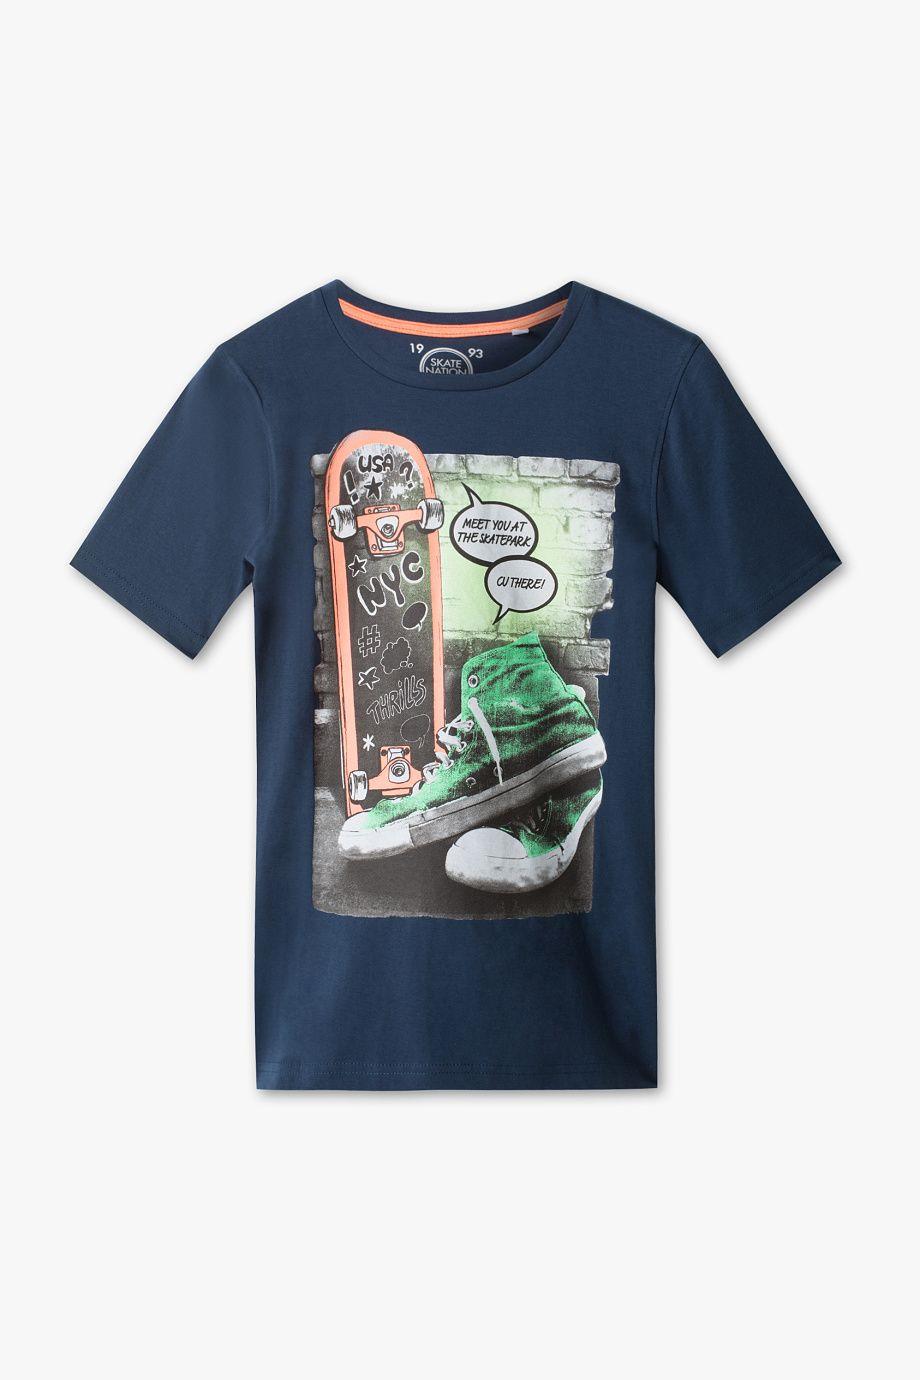 27d4e9048b Niños - Camiseta de manga corta - Algodón orgánico - azul oscuro